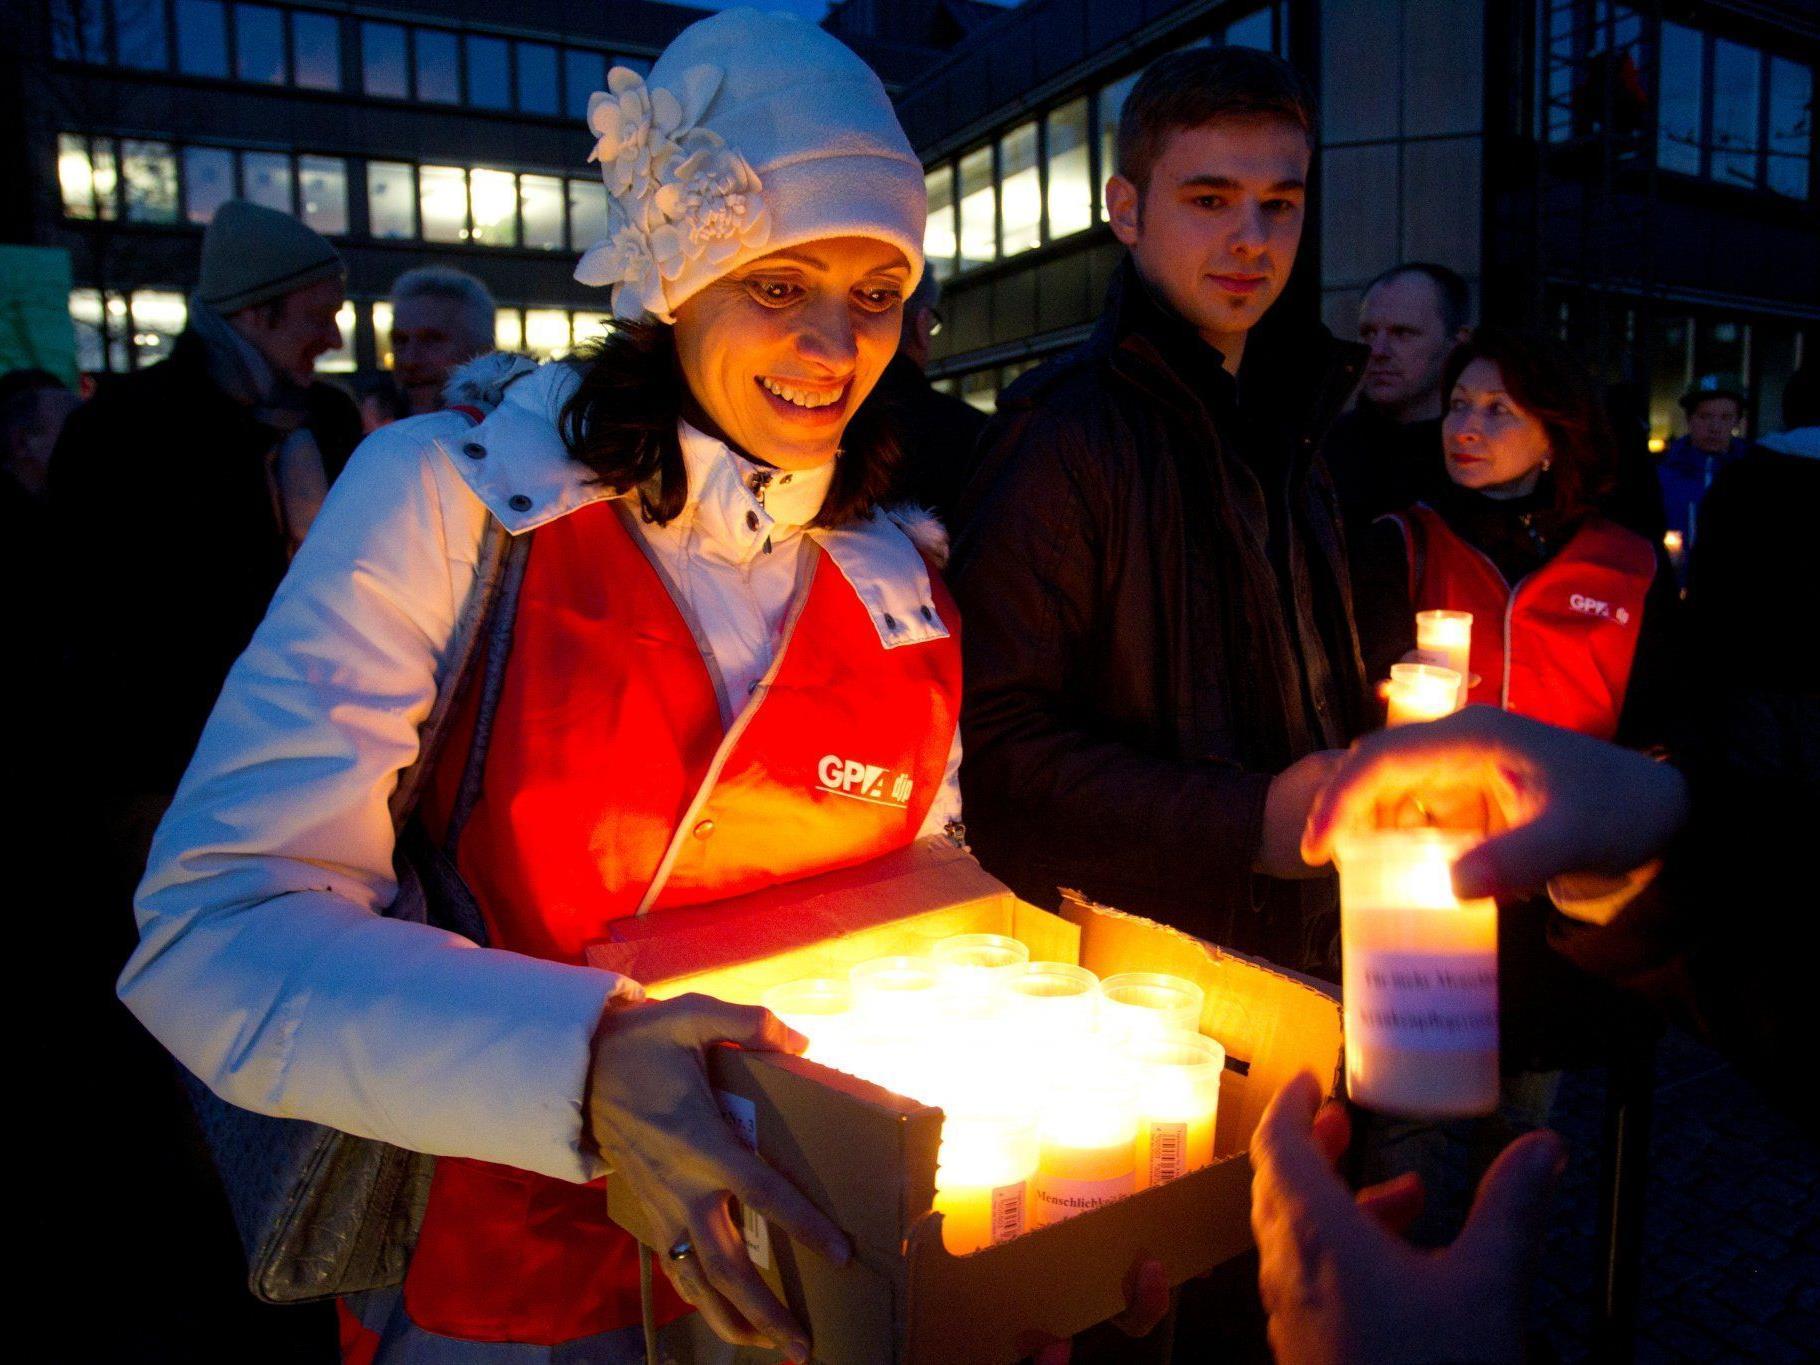 An alle Teilnehmer wurden brennende Kerzen verteilt.